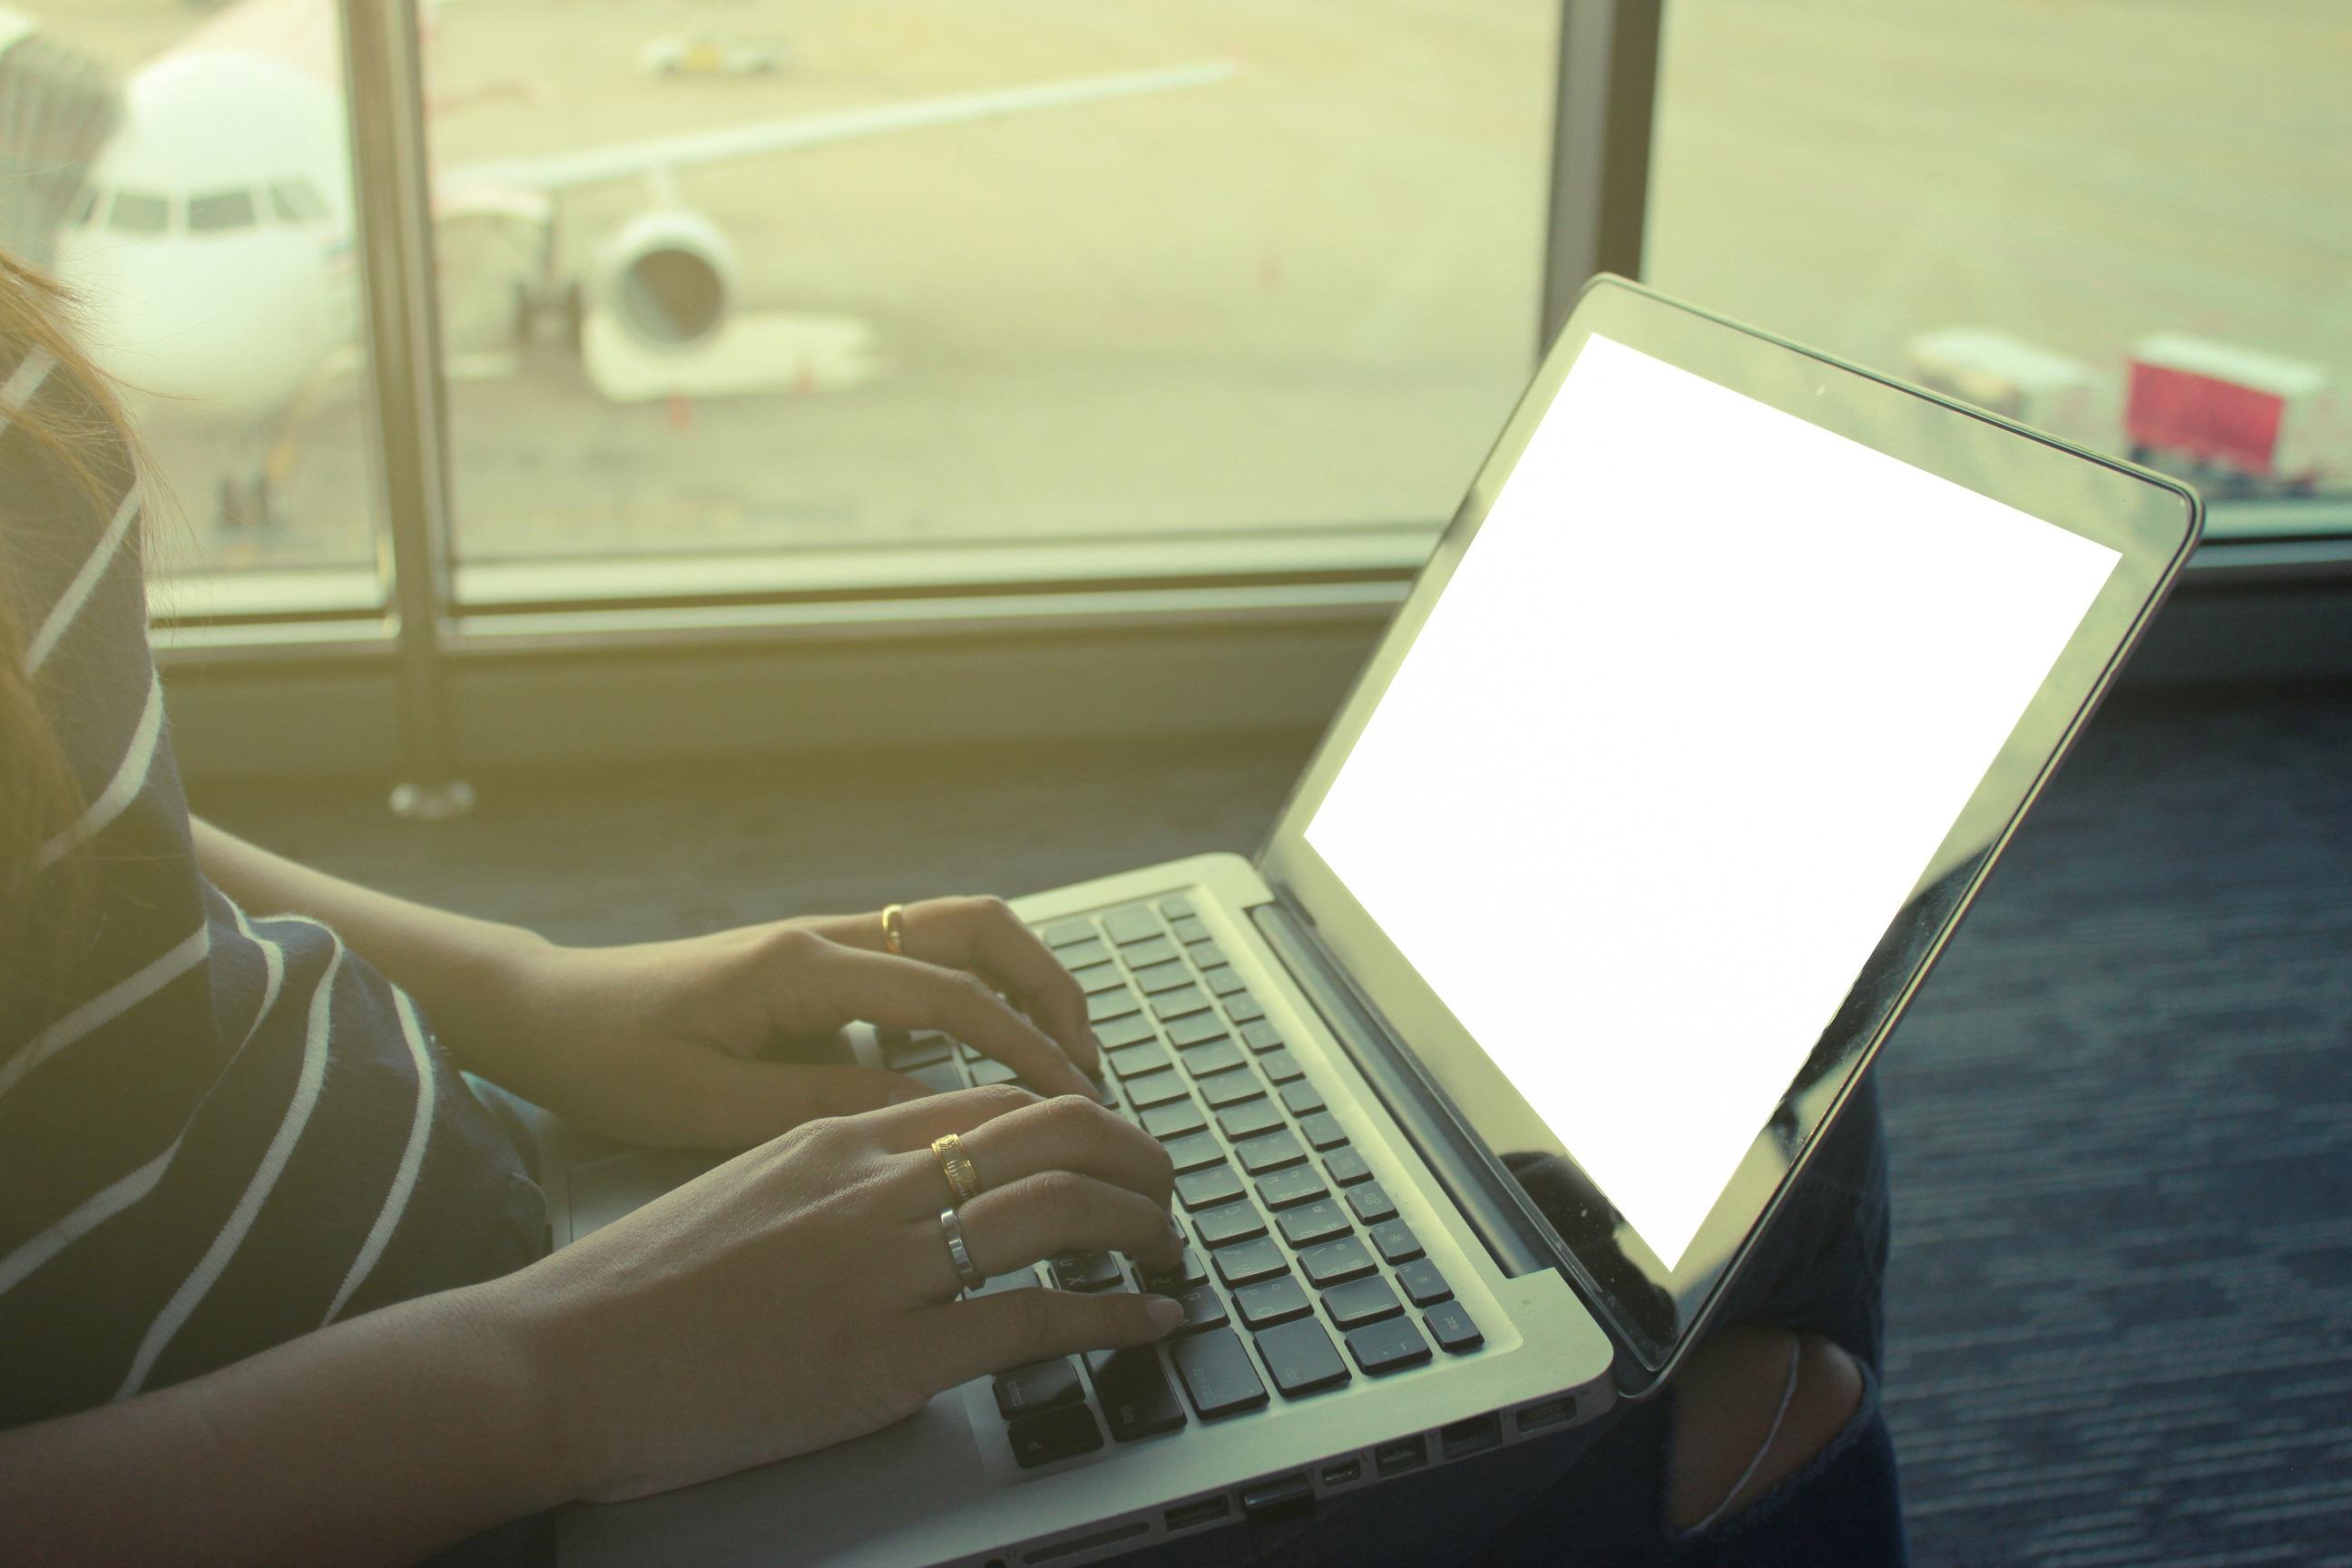 Lėktuvų keleiviams primenama: ličio baterijos ir įkrovikliai – tik lėktuvo salone